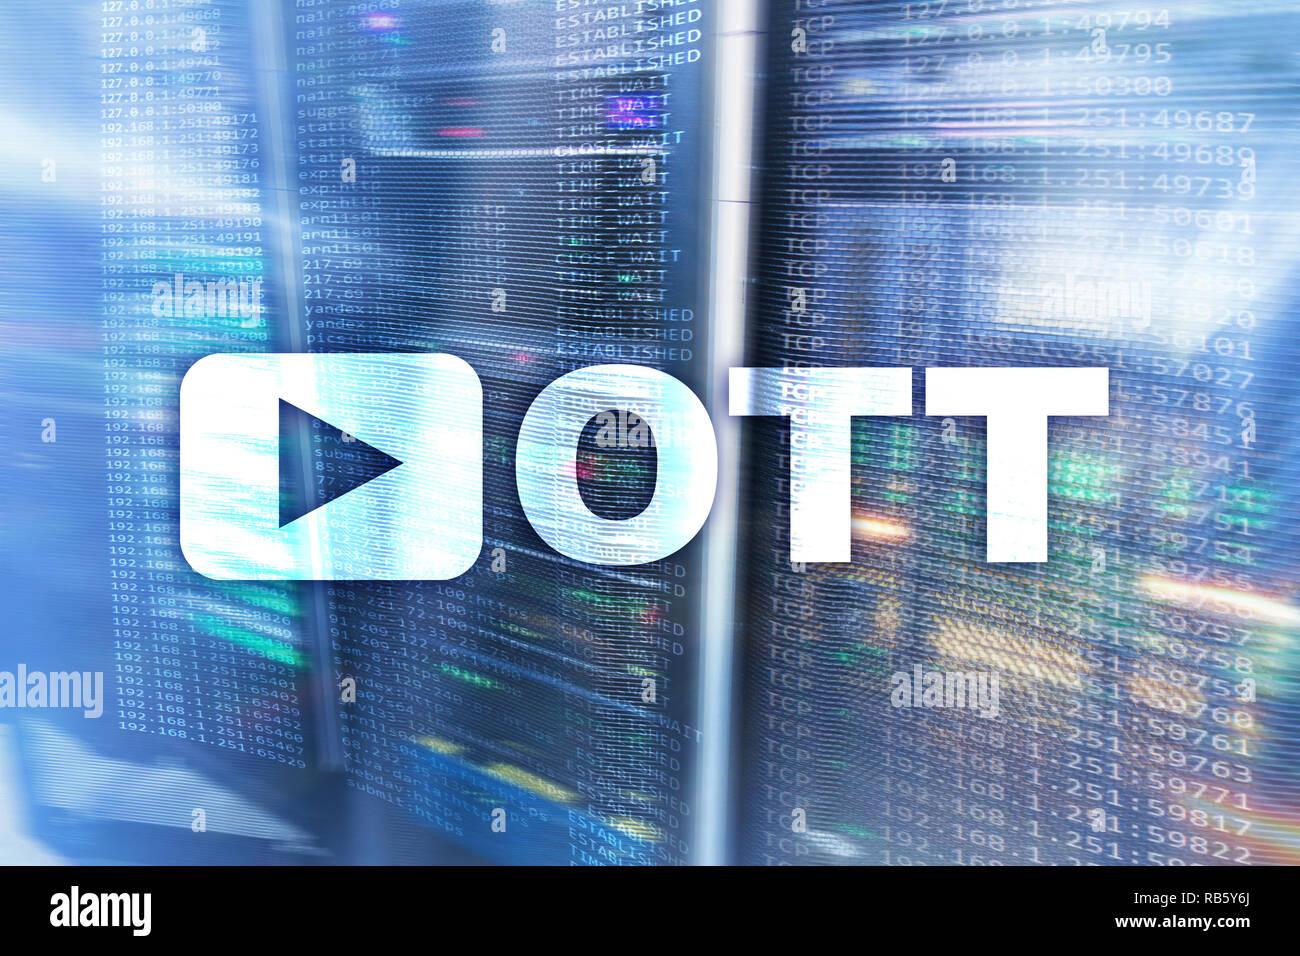 OTT, IPTV, video streaming over the internet  Data center